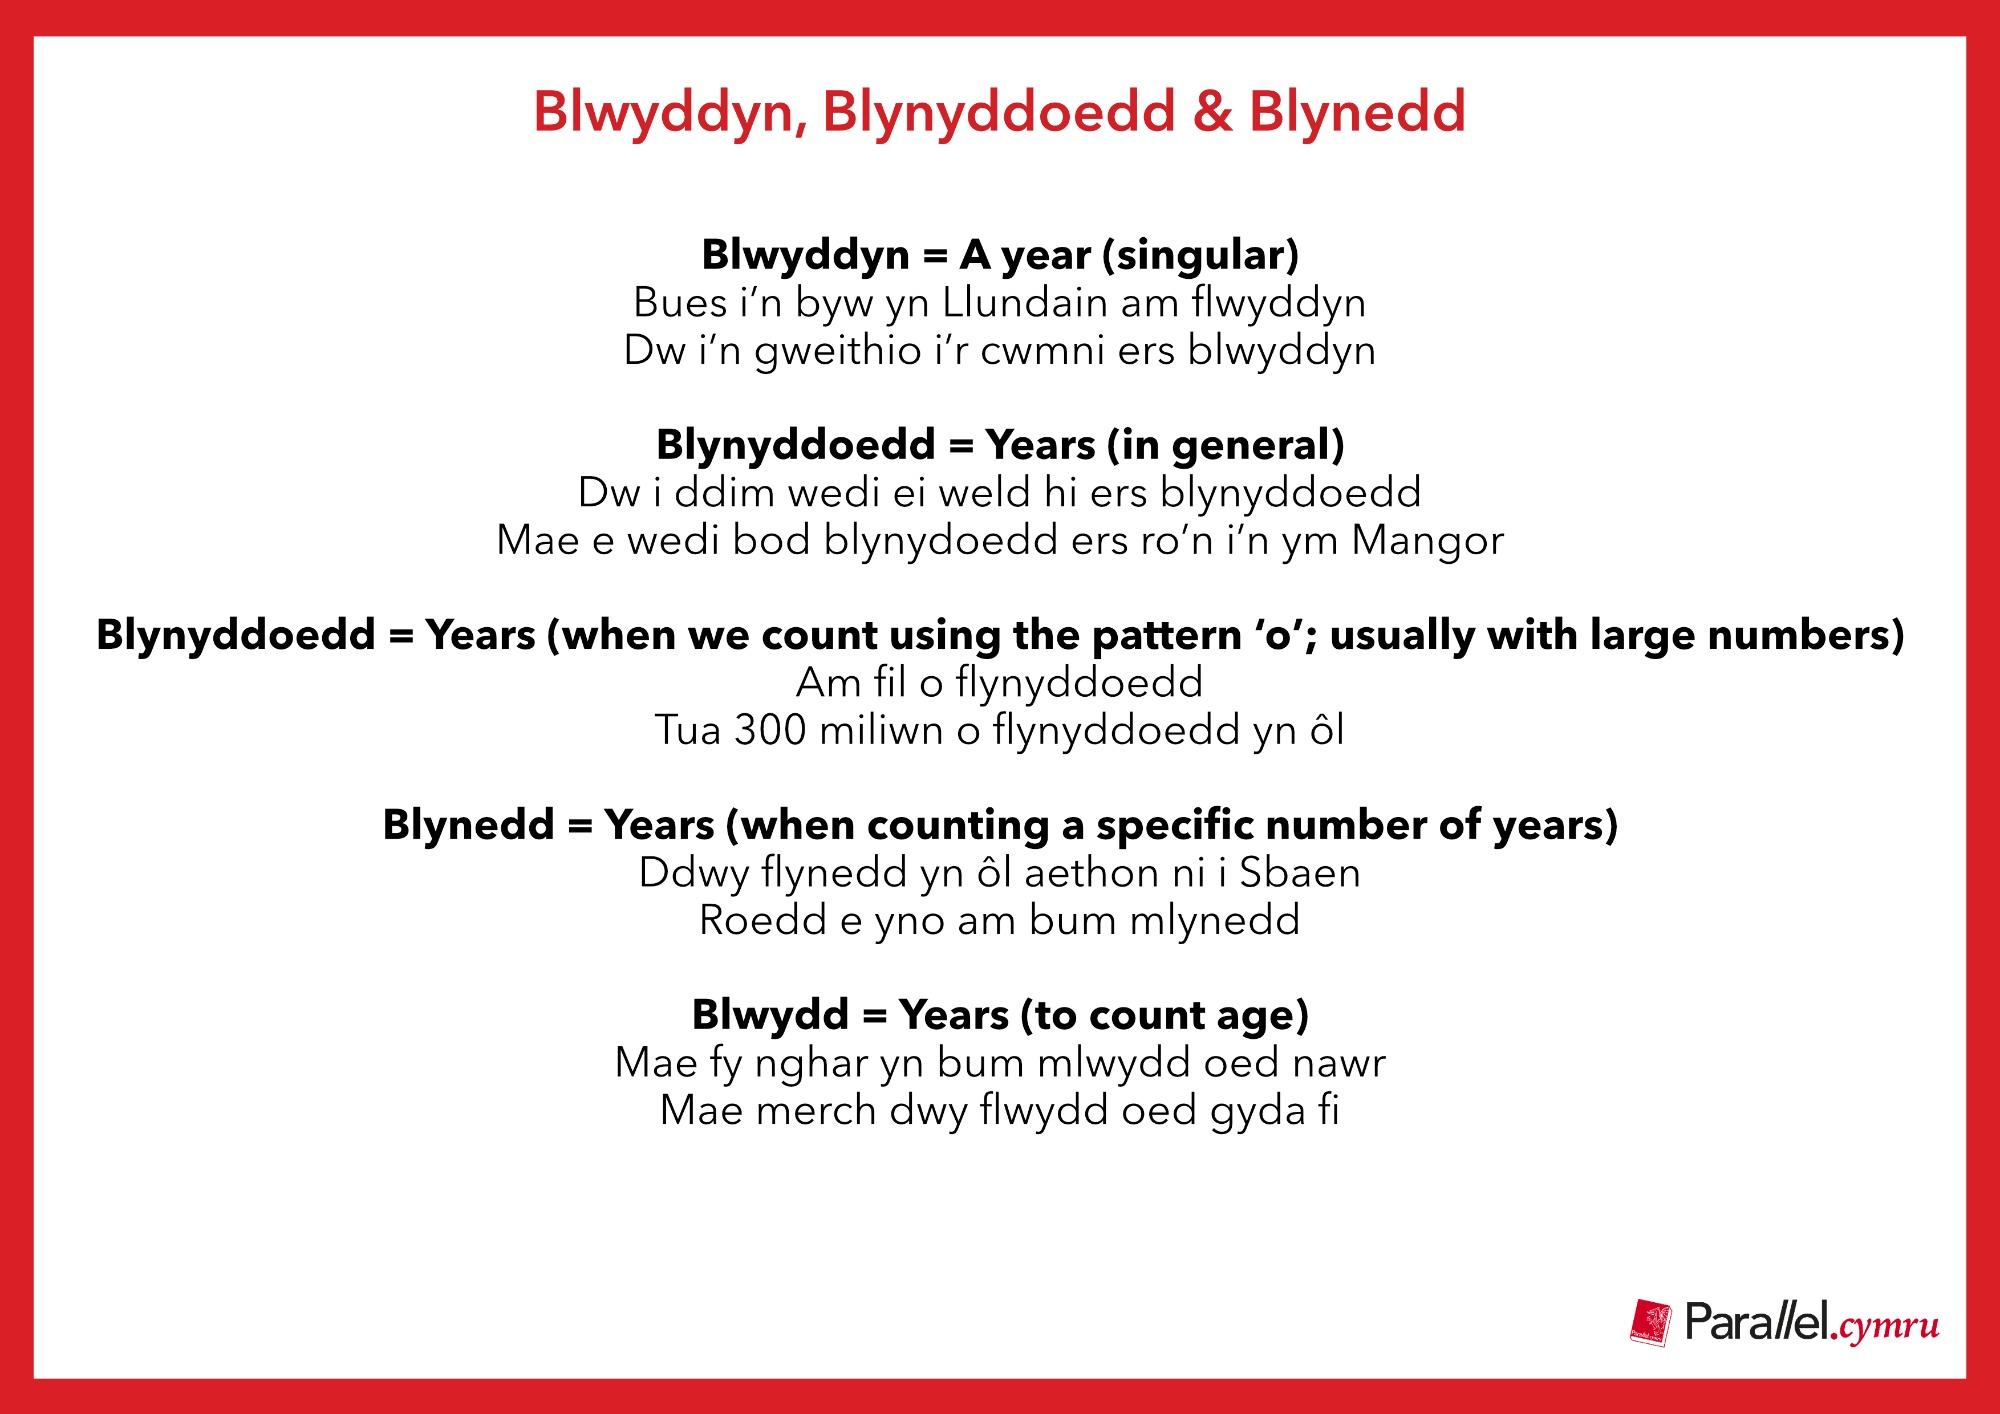 Ask Dr Gramadeg Blwyddyn, Blynyddoedd & Blynedd